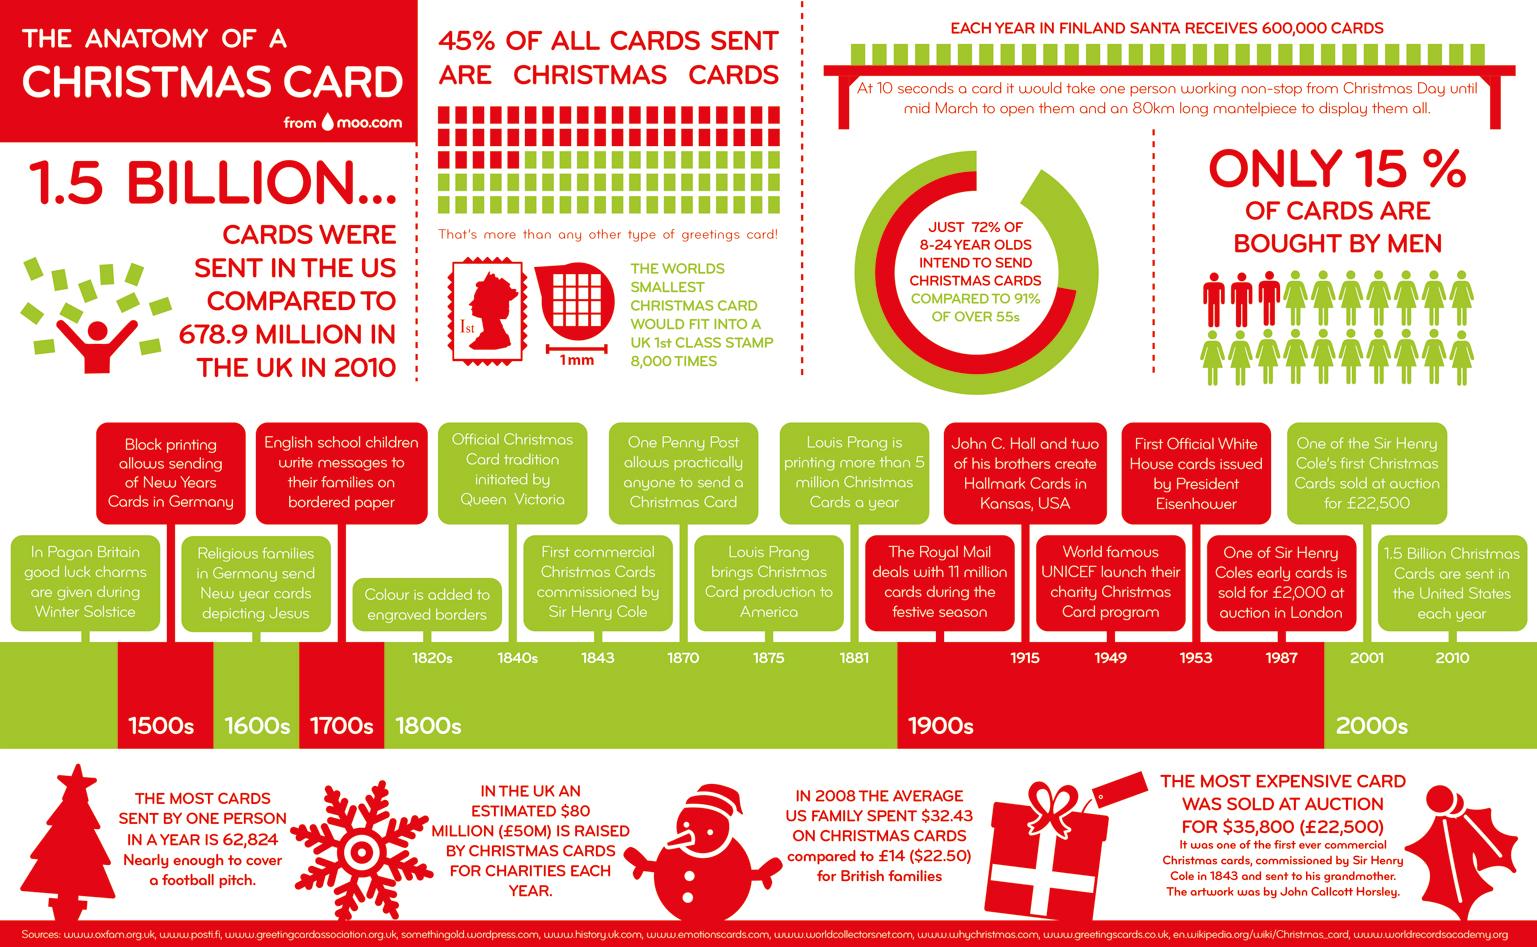 MOO Christmas Cards